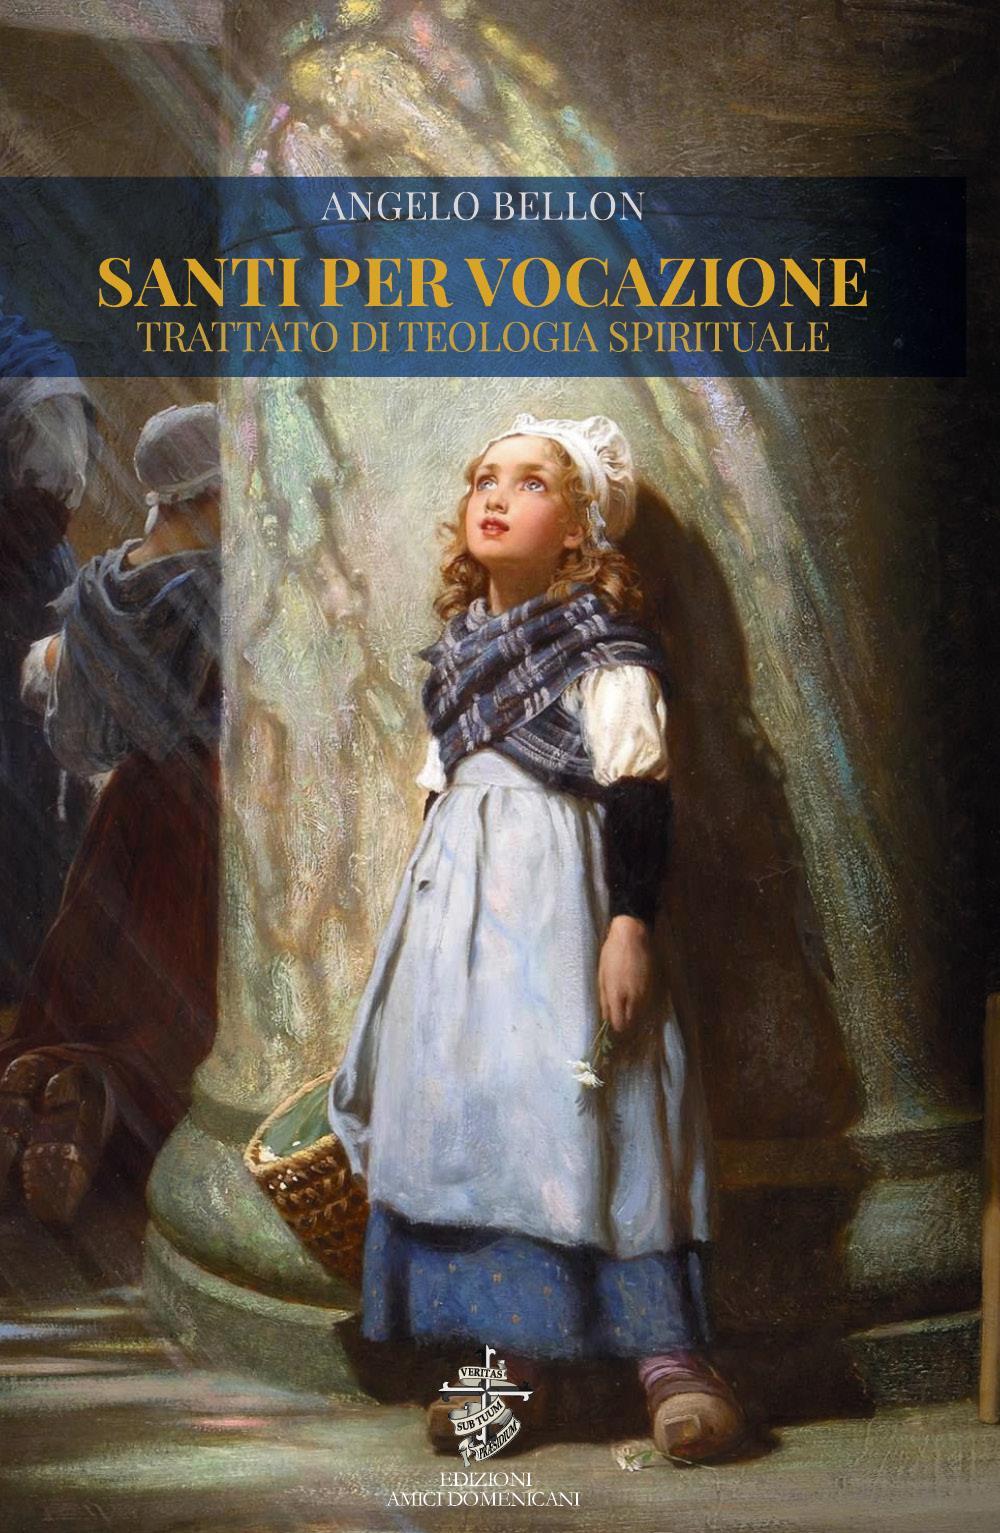 Santi per vocazione: trattato di teologia spirituale